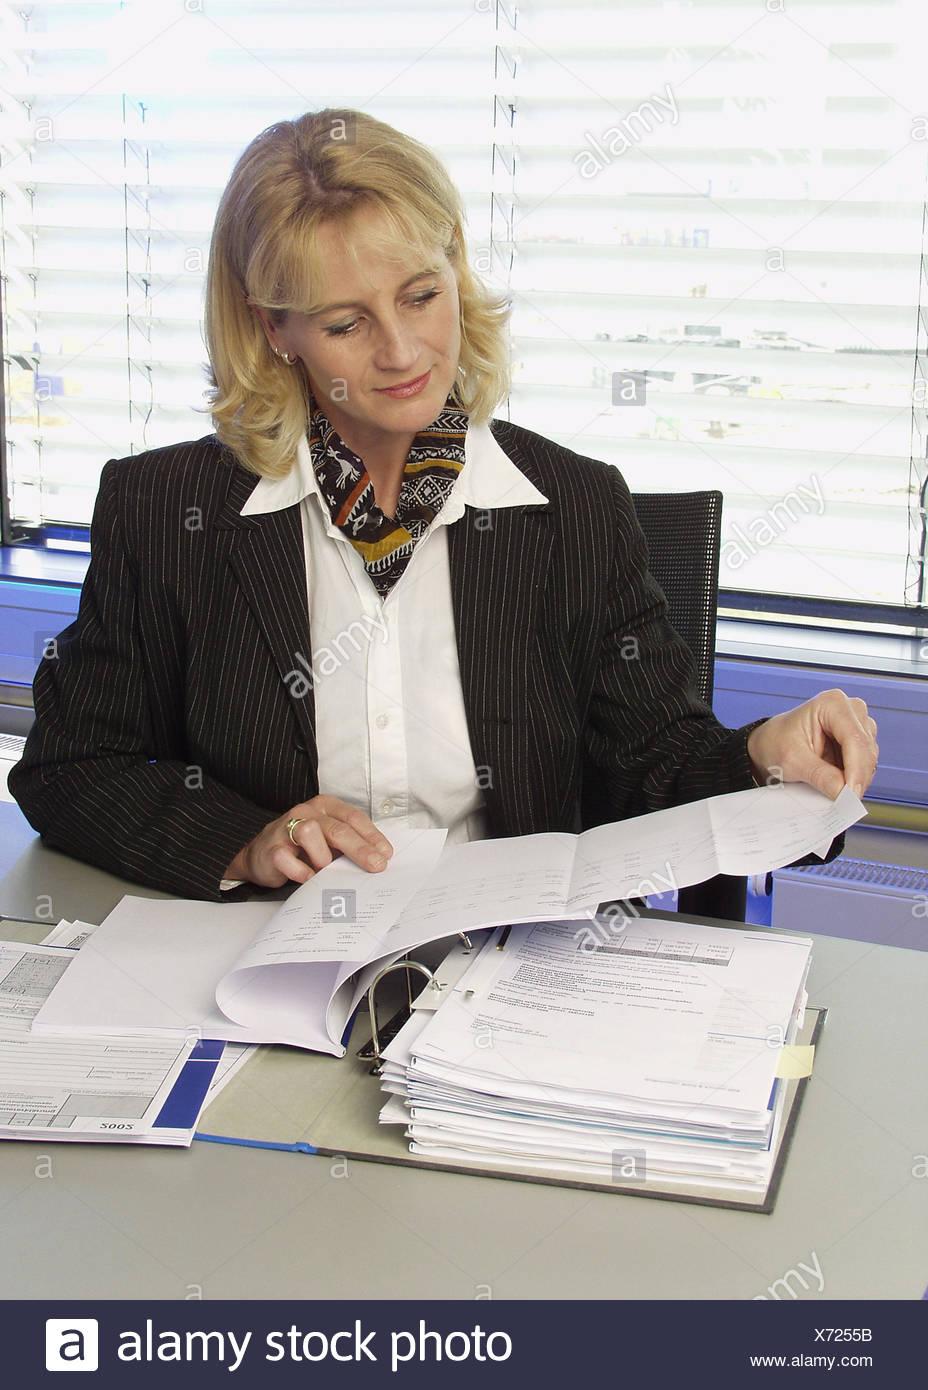 Frau Unterlagen Akten Angestellte Buero Chefin Bueroangestellte Business Dokumente Durchlesen Durchsehen Geschaeftsfrau Korrektu Stock Photo